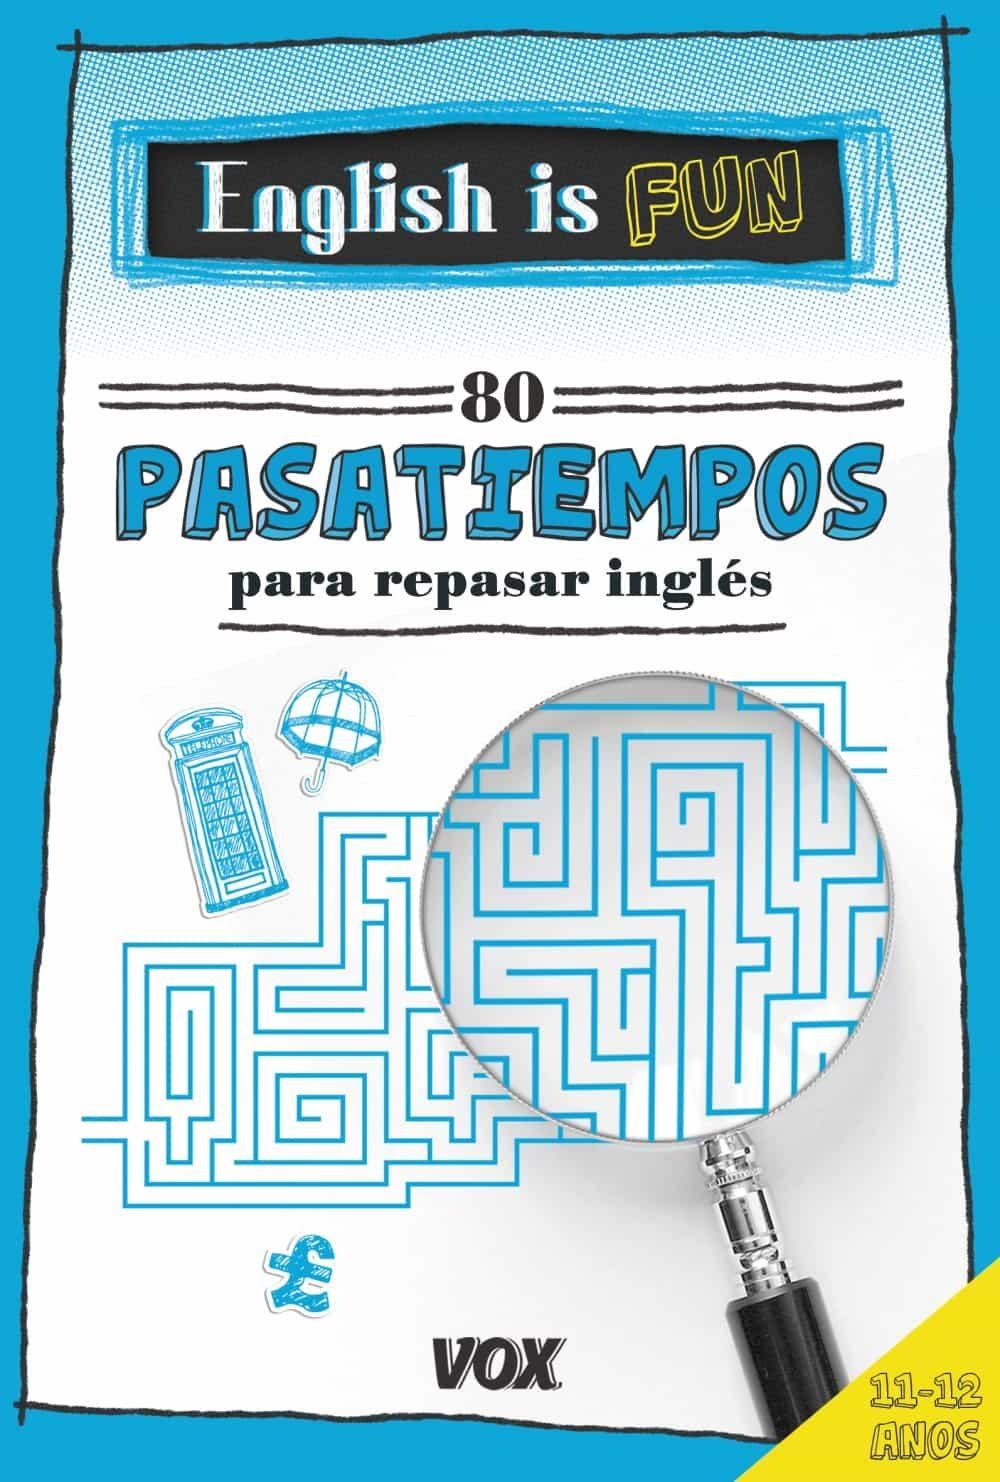 English Is Fun. 80 Pasatiempos Para Repasar Inglés 11-12 Años por Vv.aa. epub